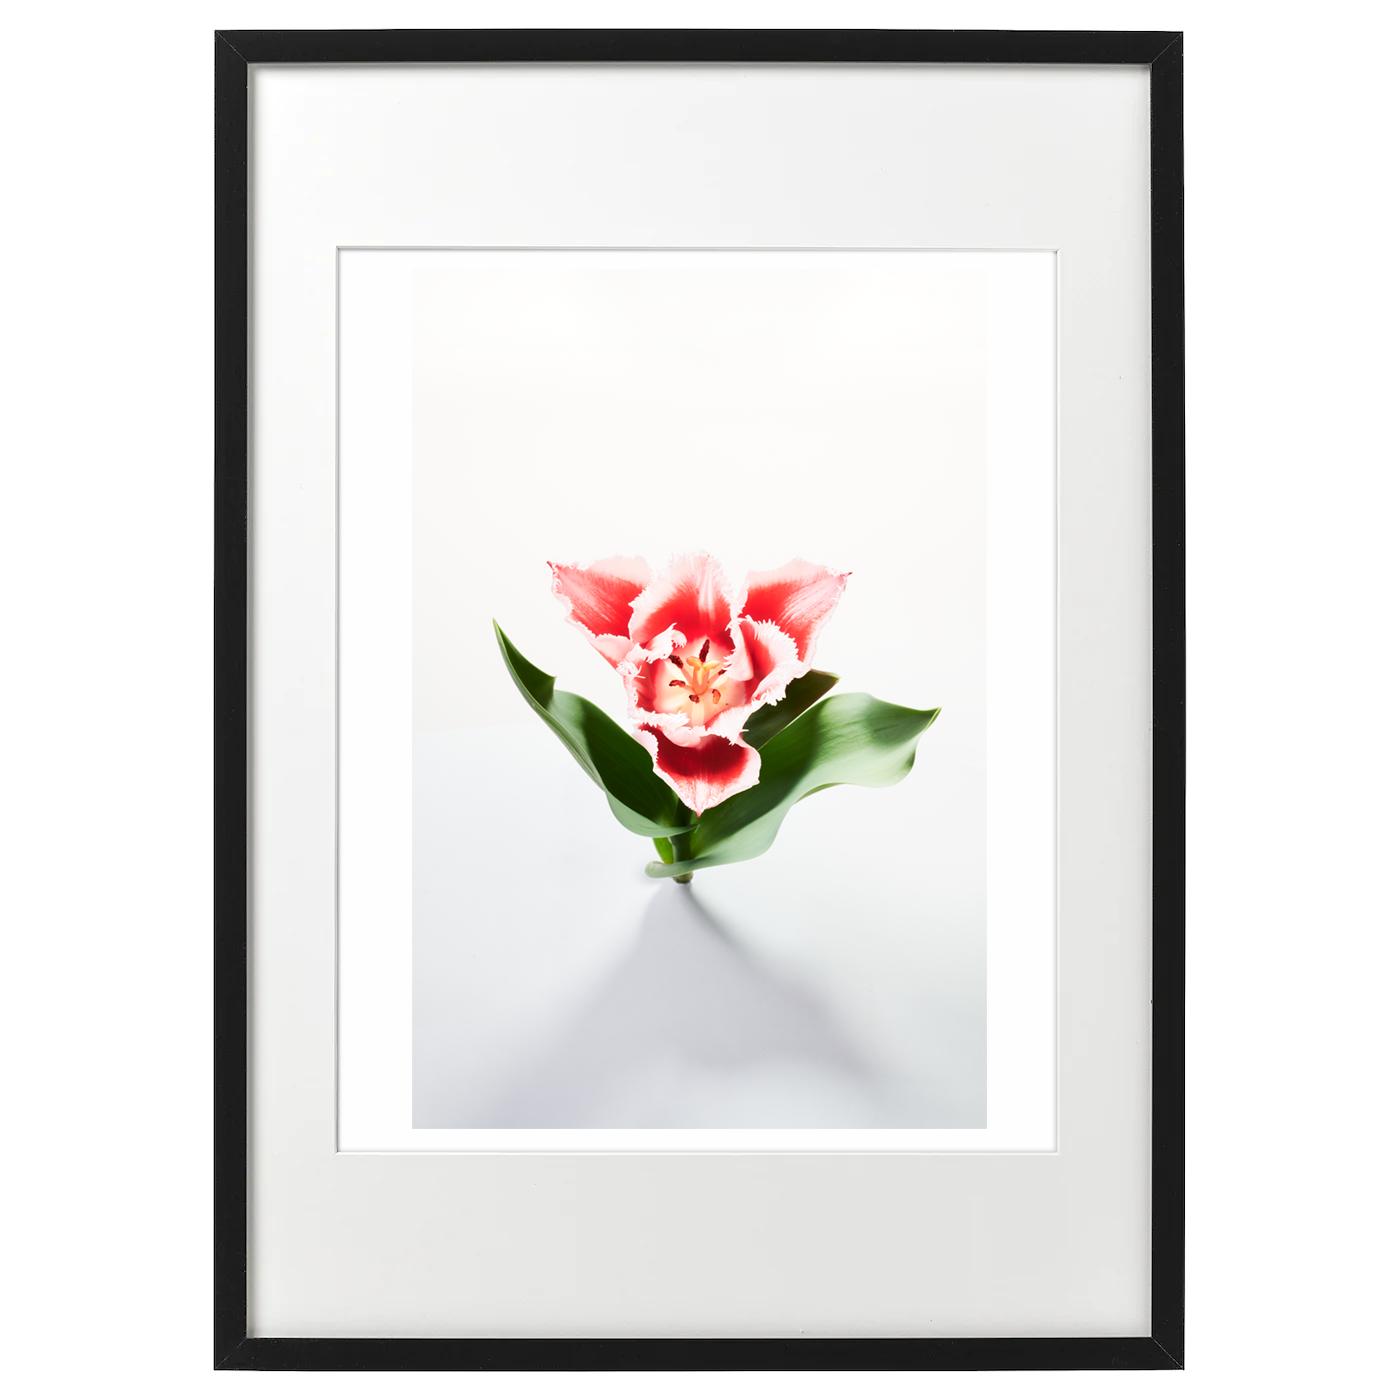 額装ハナ 2021-017 Tulip